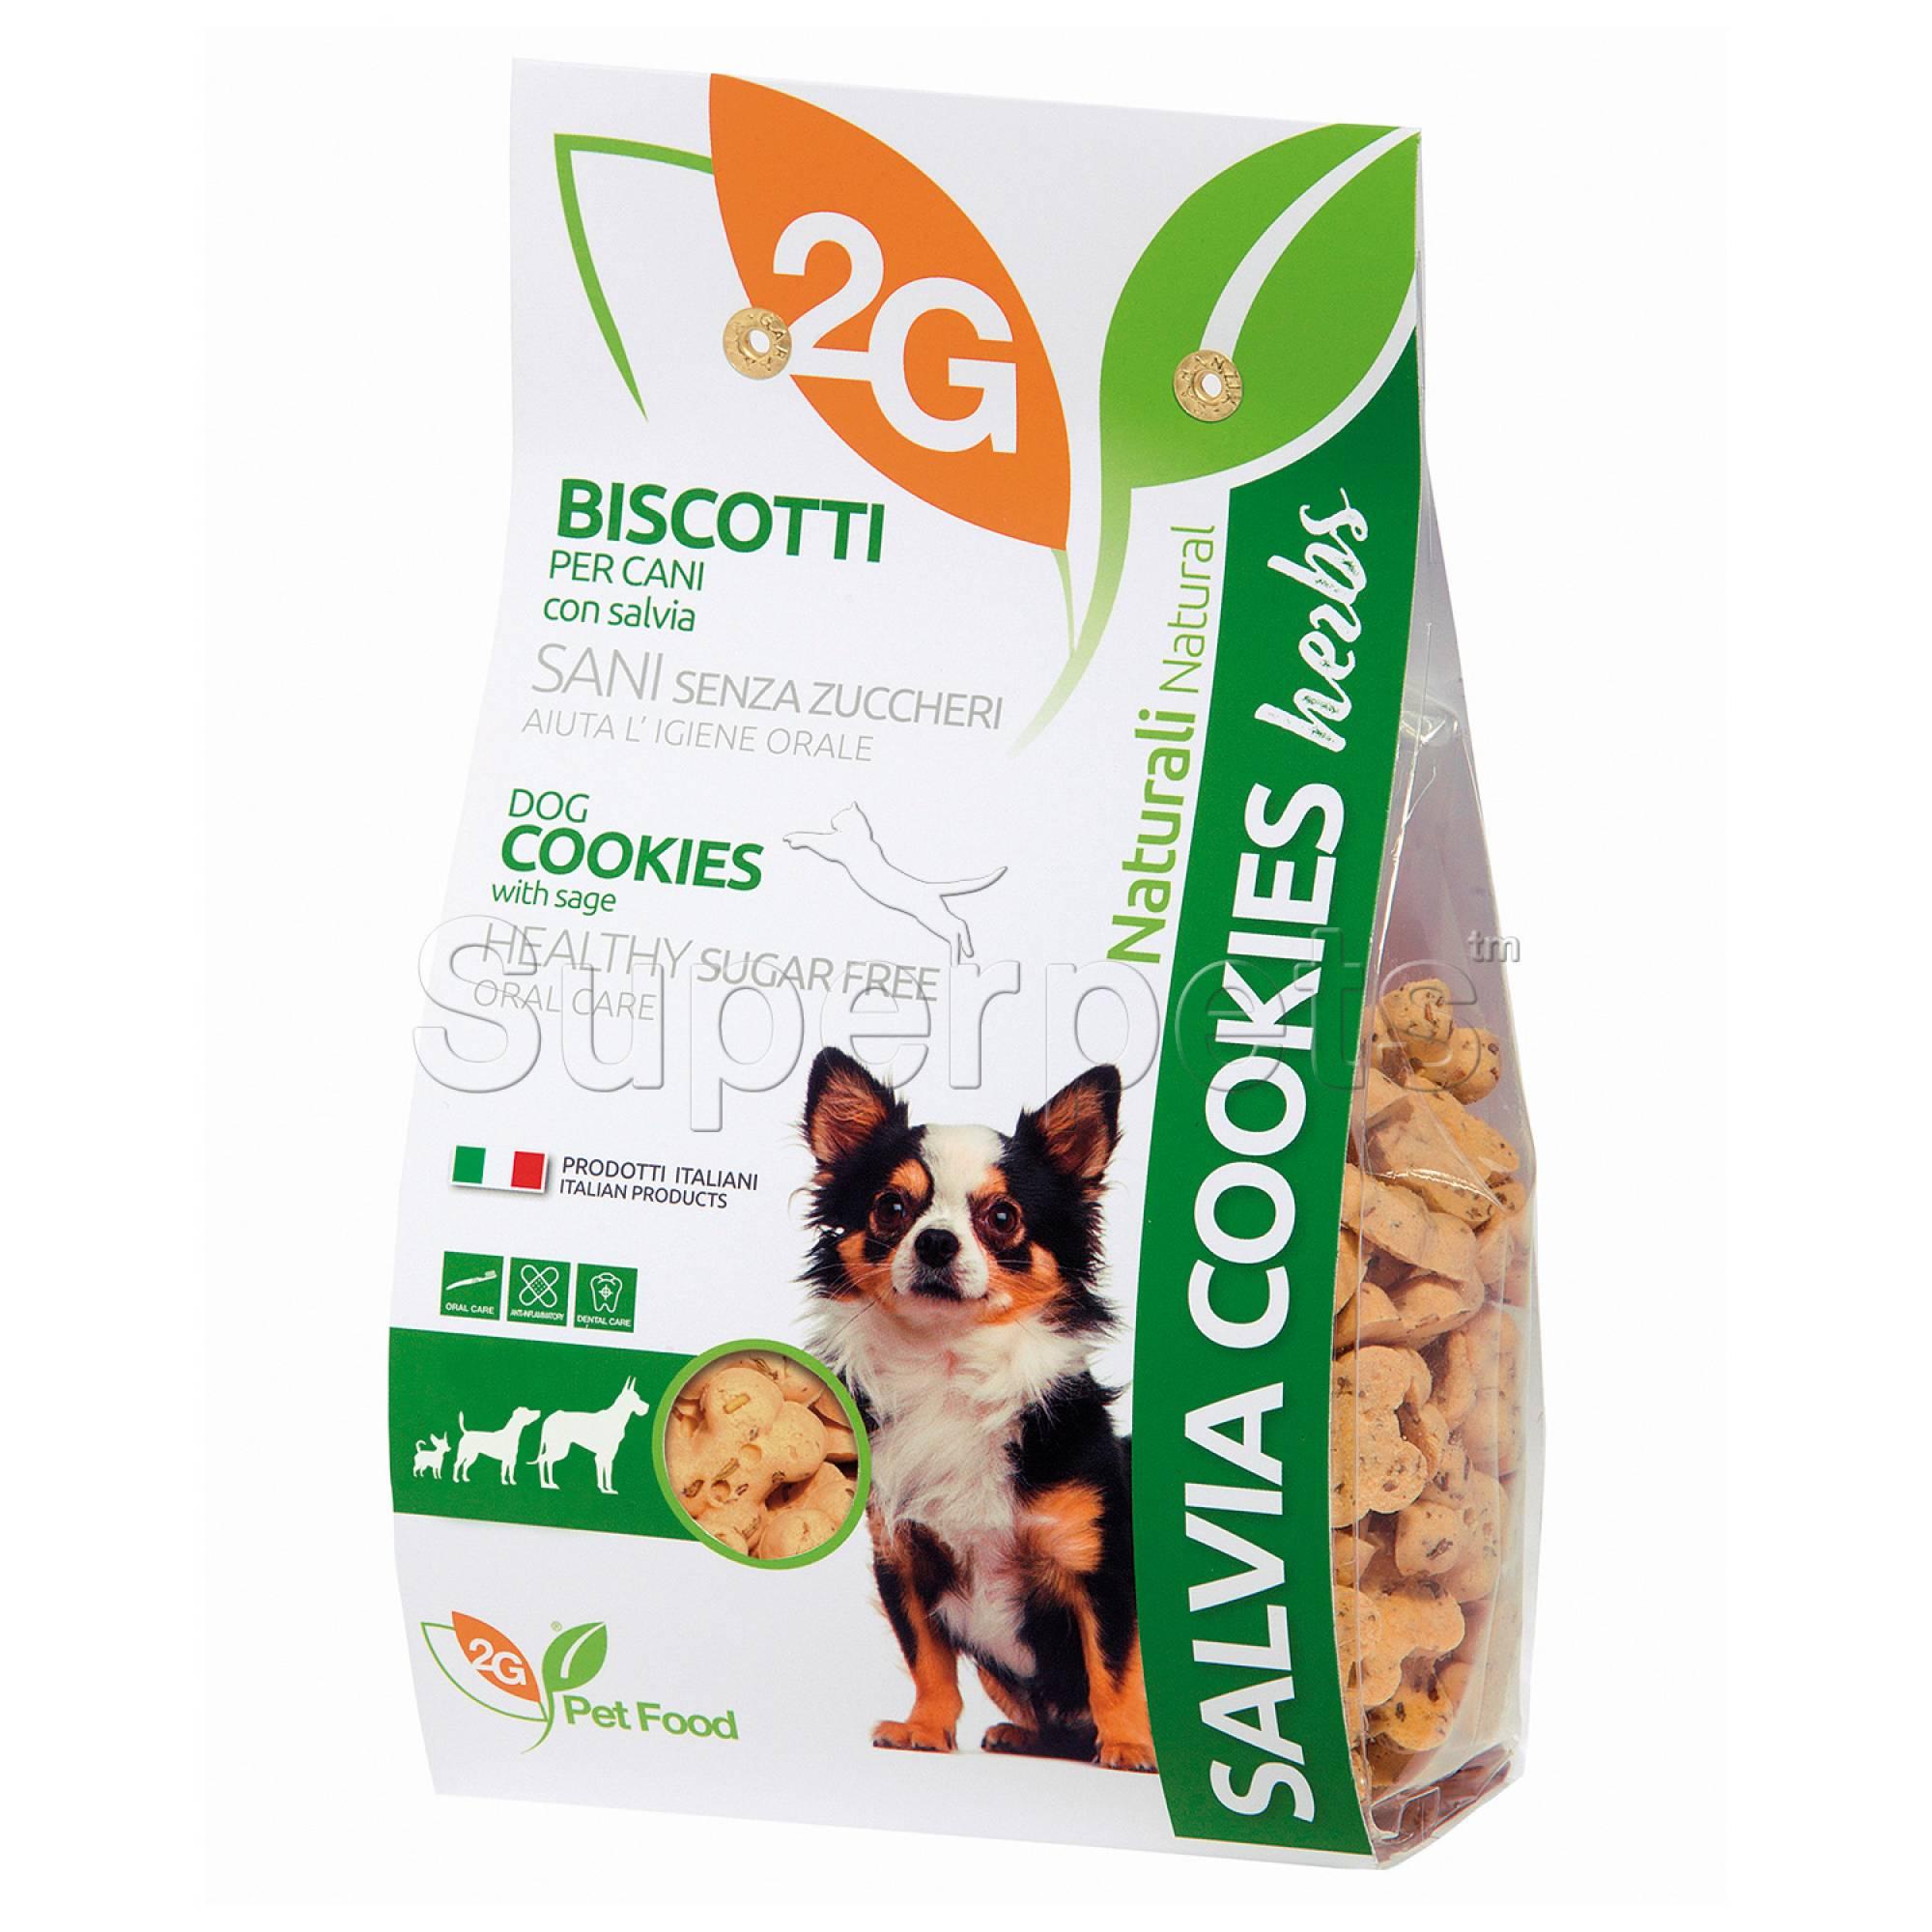 2G Pet Food - Salvia (Sage) Dog Cookies 350g